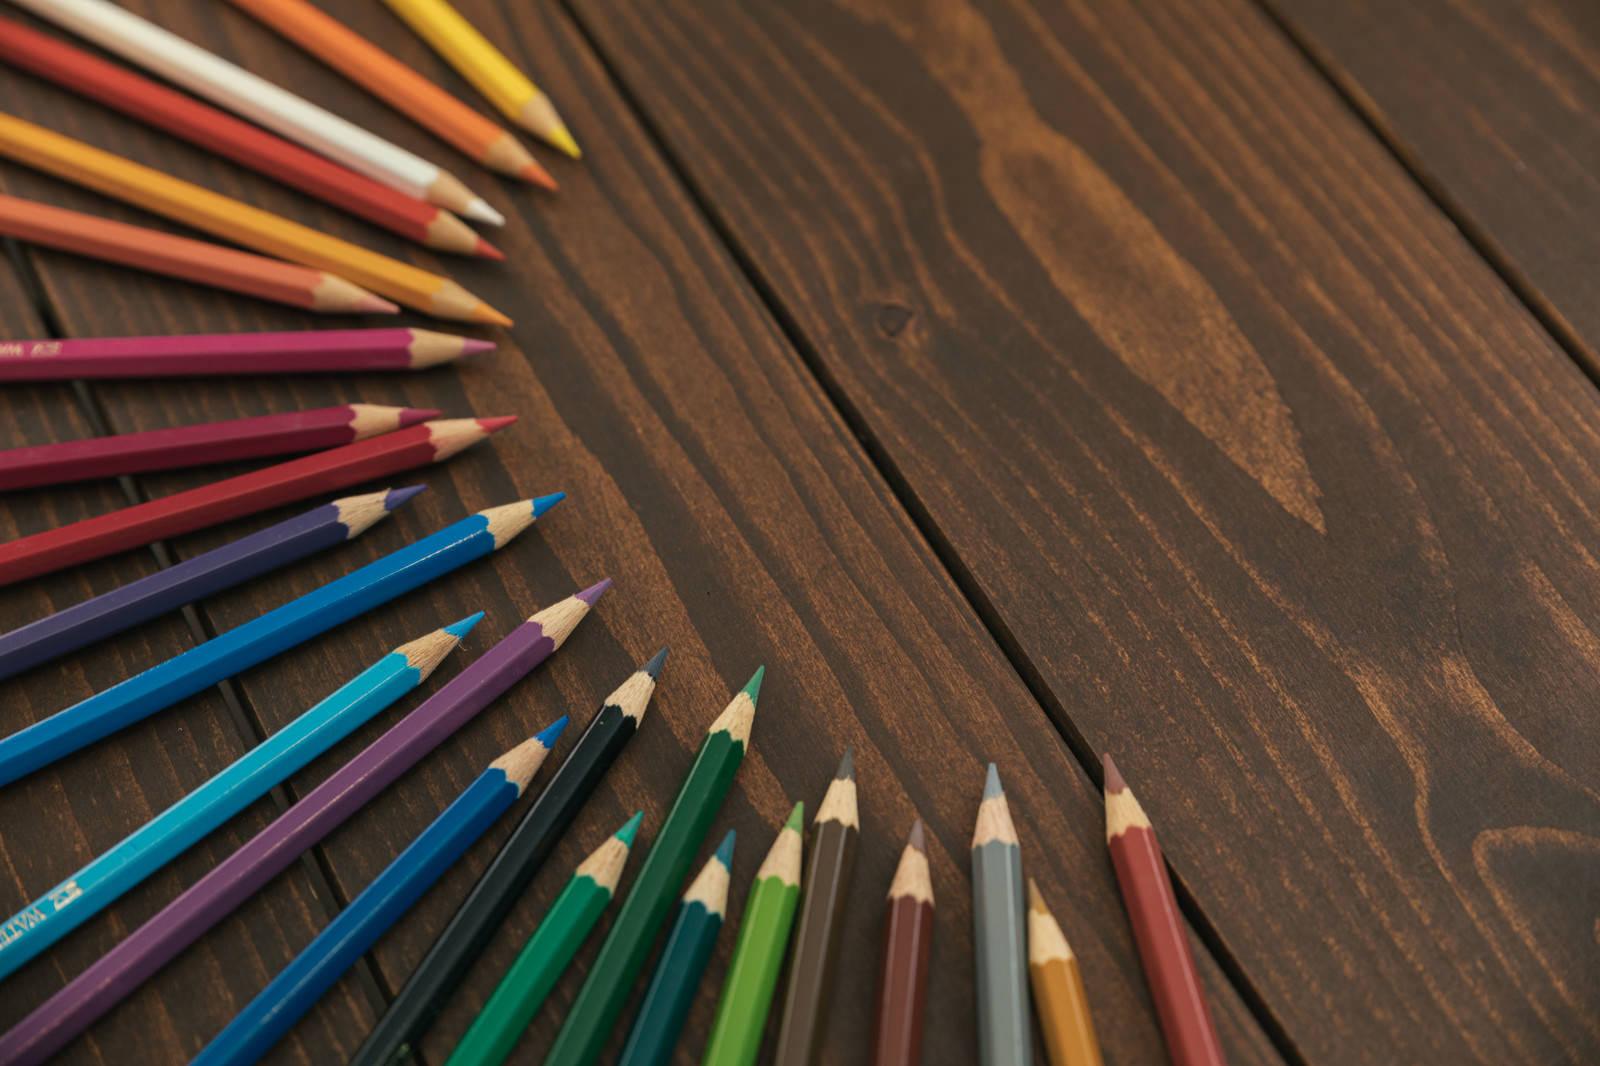 「テーブルの上に置かれた色鉛筆」の写真